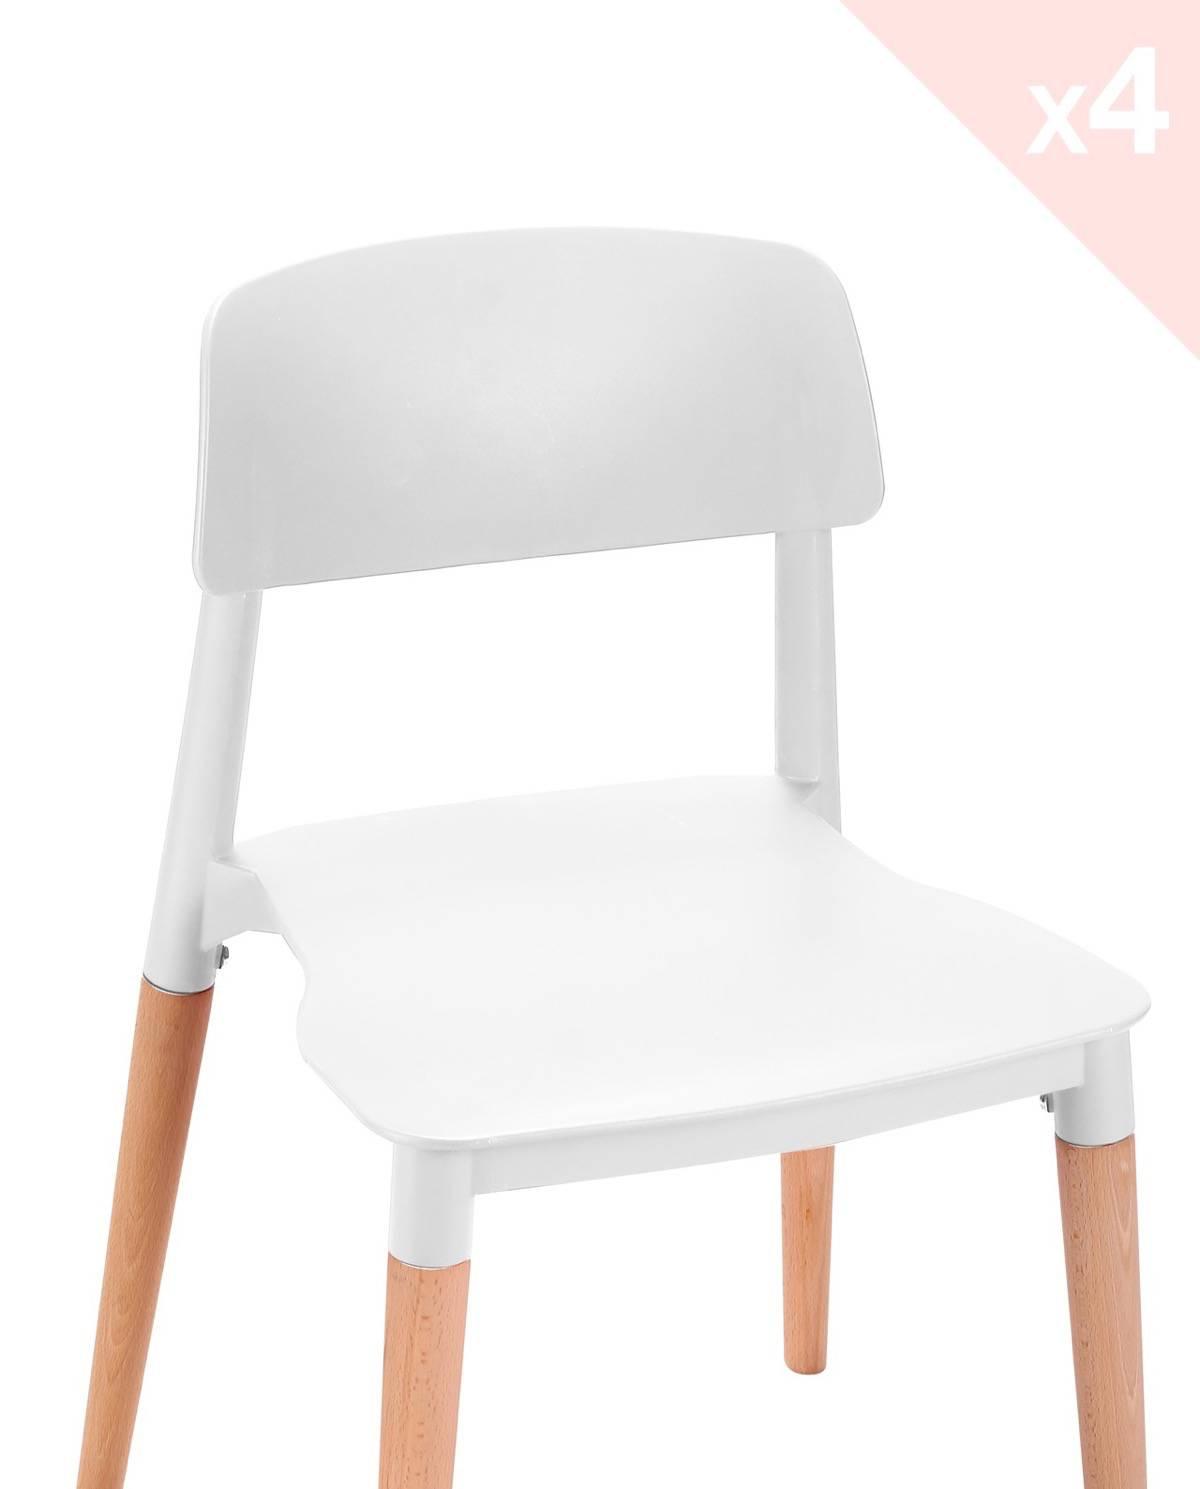 Napa lot de 4 chaises cuisine design pi tement h tre - Chaise cuisine bois ...